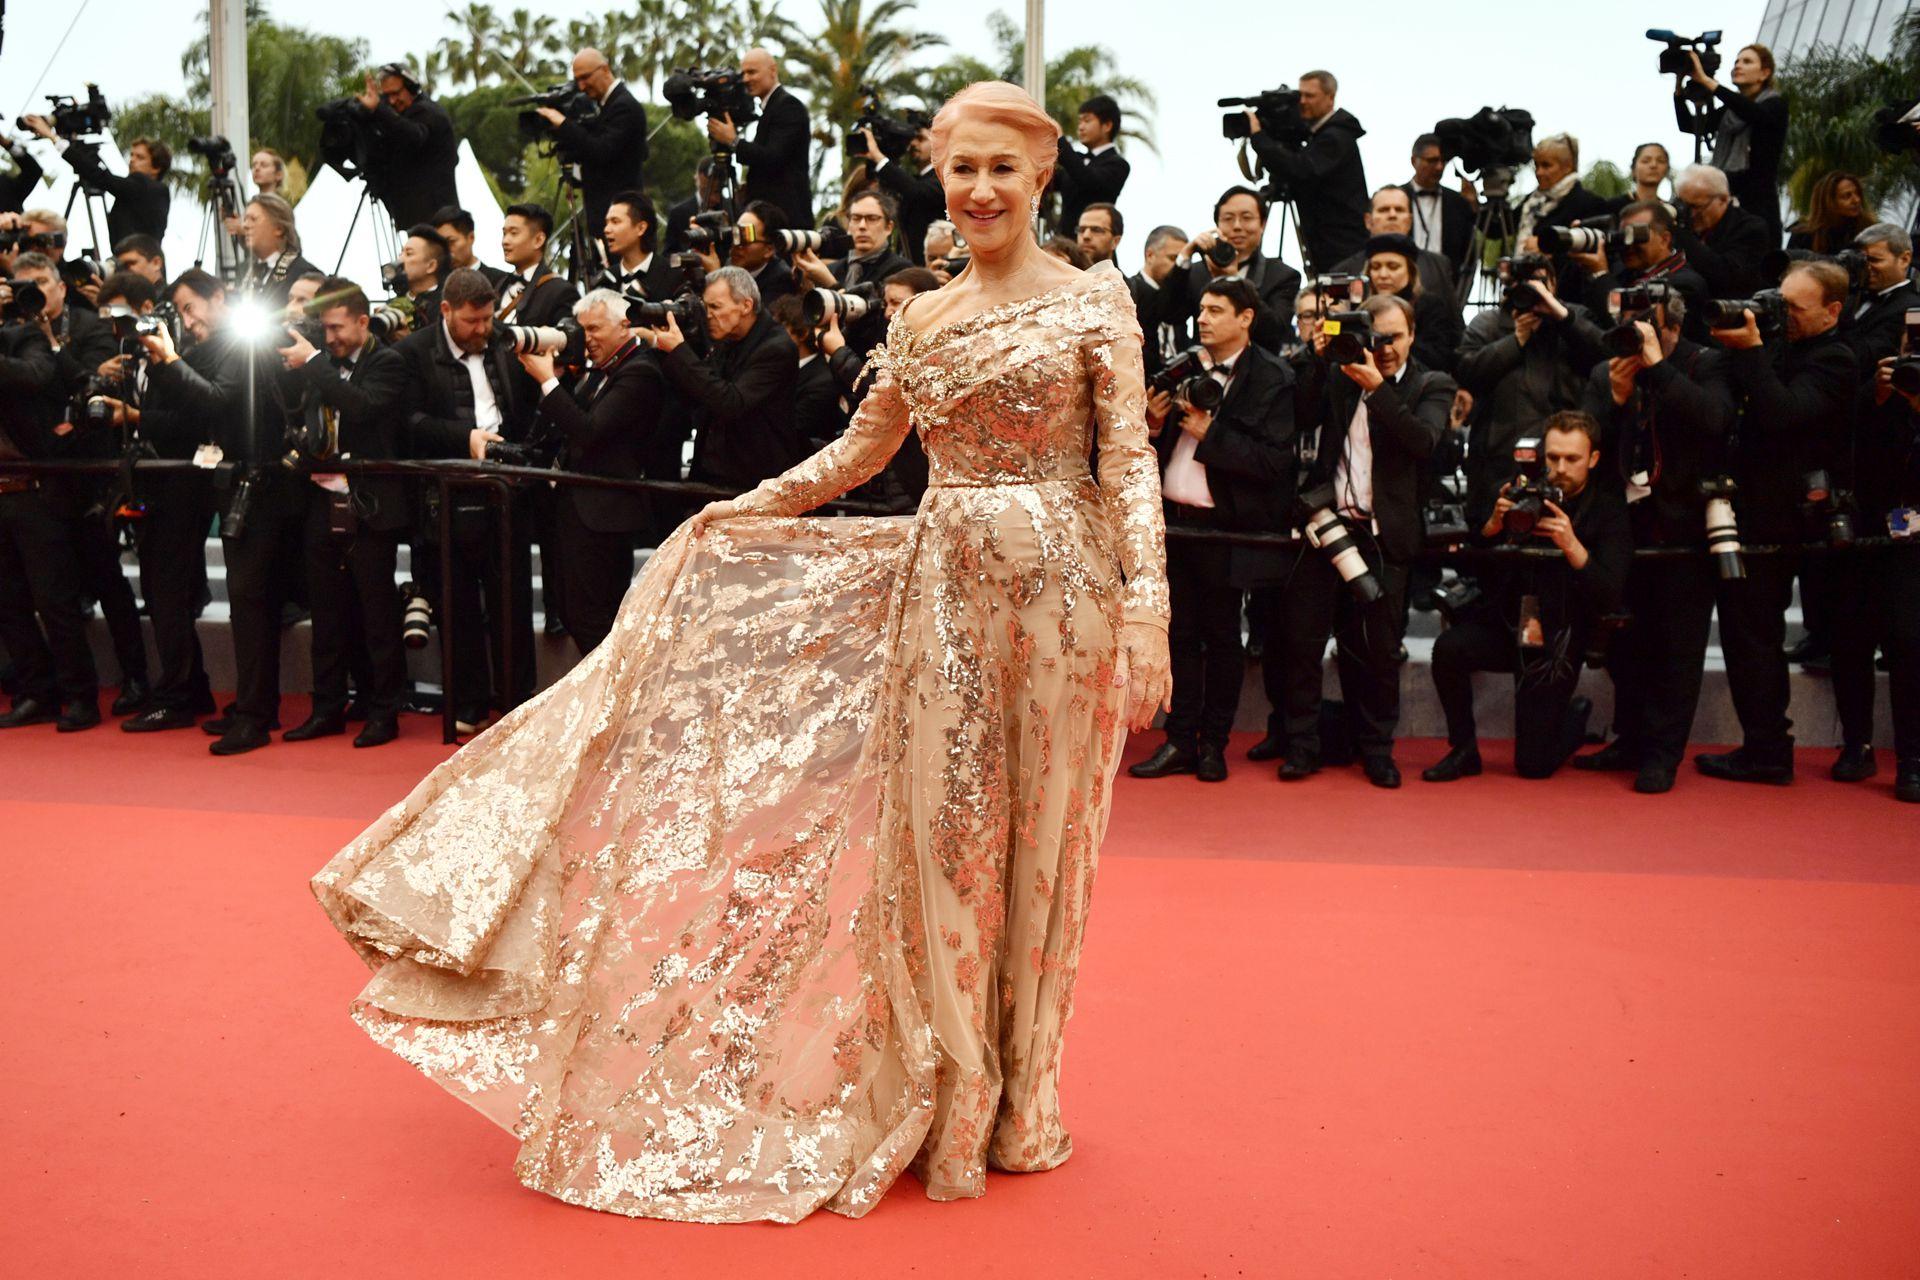 """La actriz británica Helen Mirren en la proyección de la película """"Los mejores años de una vida"""" en la 72ª edición del Festival de Cannes, el 18 de mayo de 2019 (Foto de CHRISTOPHE SIMON / AFP)"""